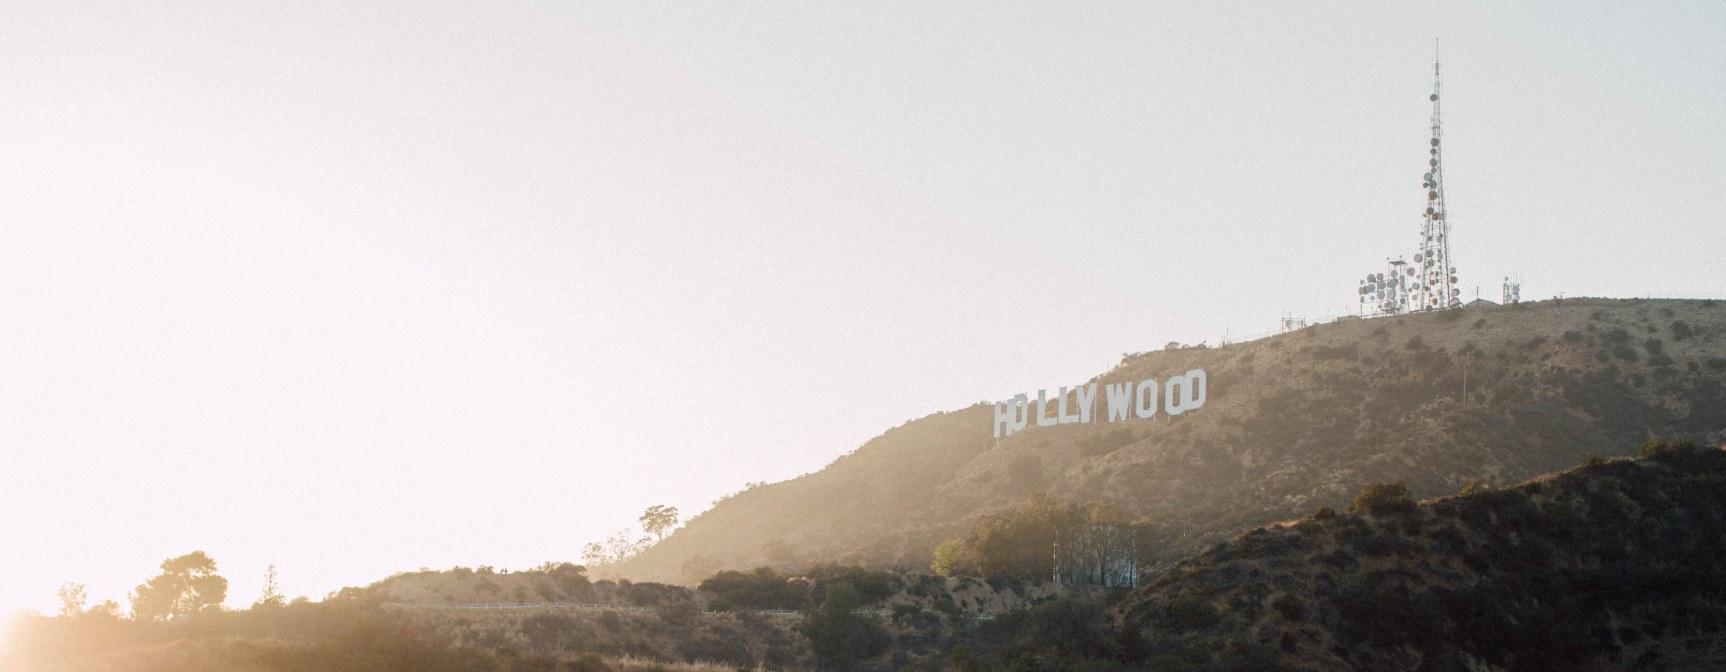 E-Zigarette goes Hollywood: be posh stellt prominente Dampfer vor Bekannte Stars aus Hollywood waren schon immer Trendsetter für Mode oder Musik. Auch die E-Zigarette wird bei Prominenten immer beliebter und hatte sogar schon einige Auftritte in TV-Shows und Kinofilmen. Im Magazin von be posh stellen wir Dir prominente E-Zigarette-Dampfer vor.